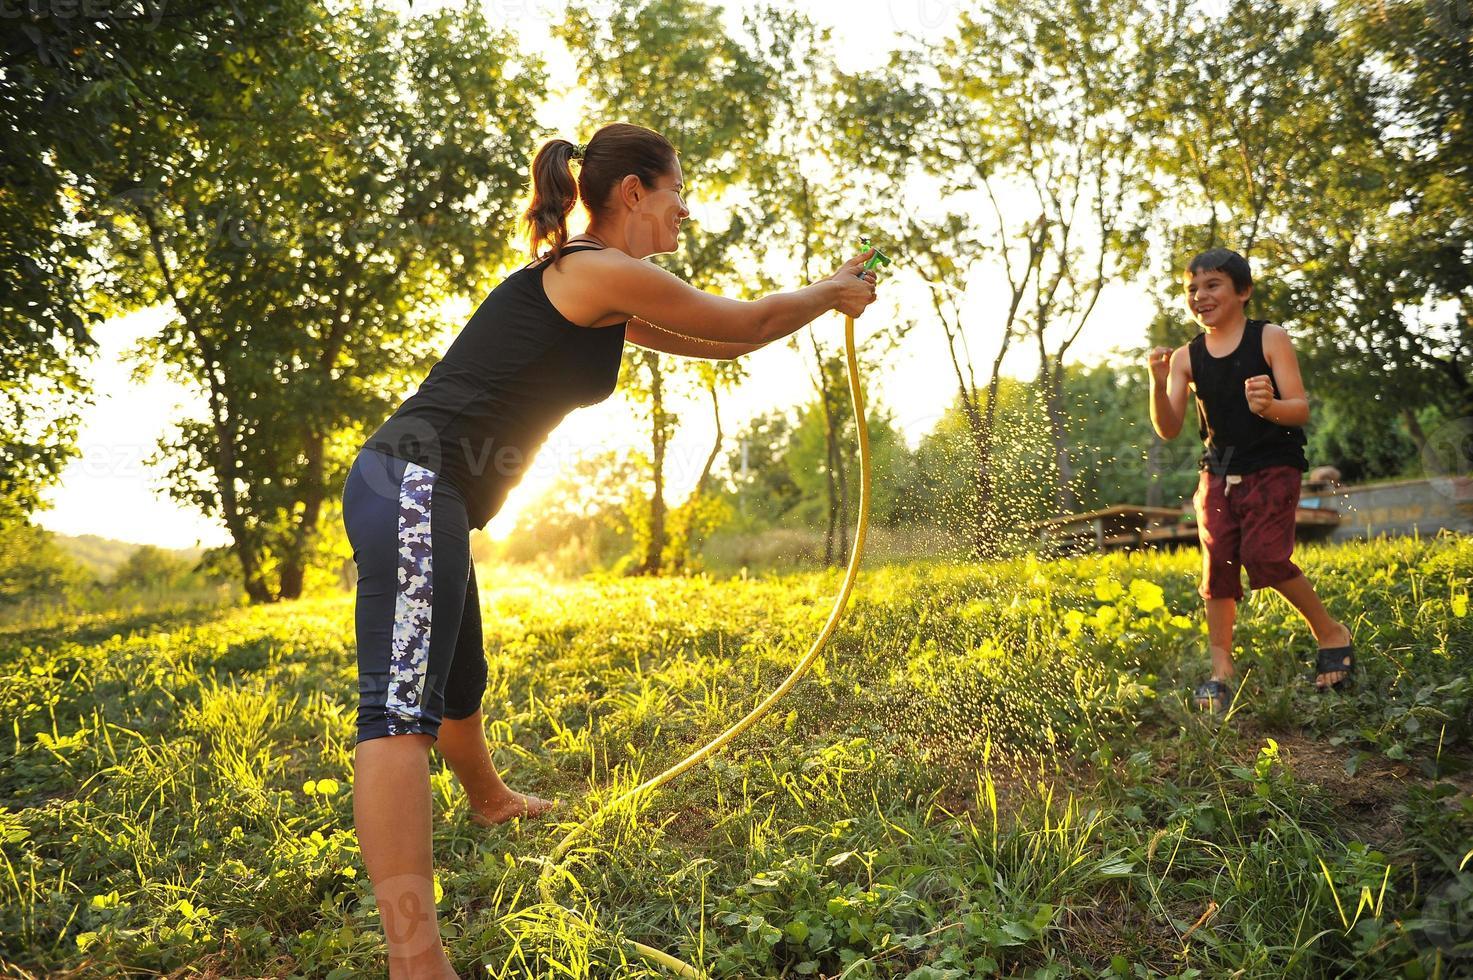 mãe e filho brincando no parque com água. foto